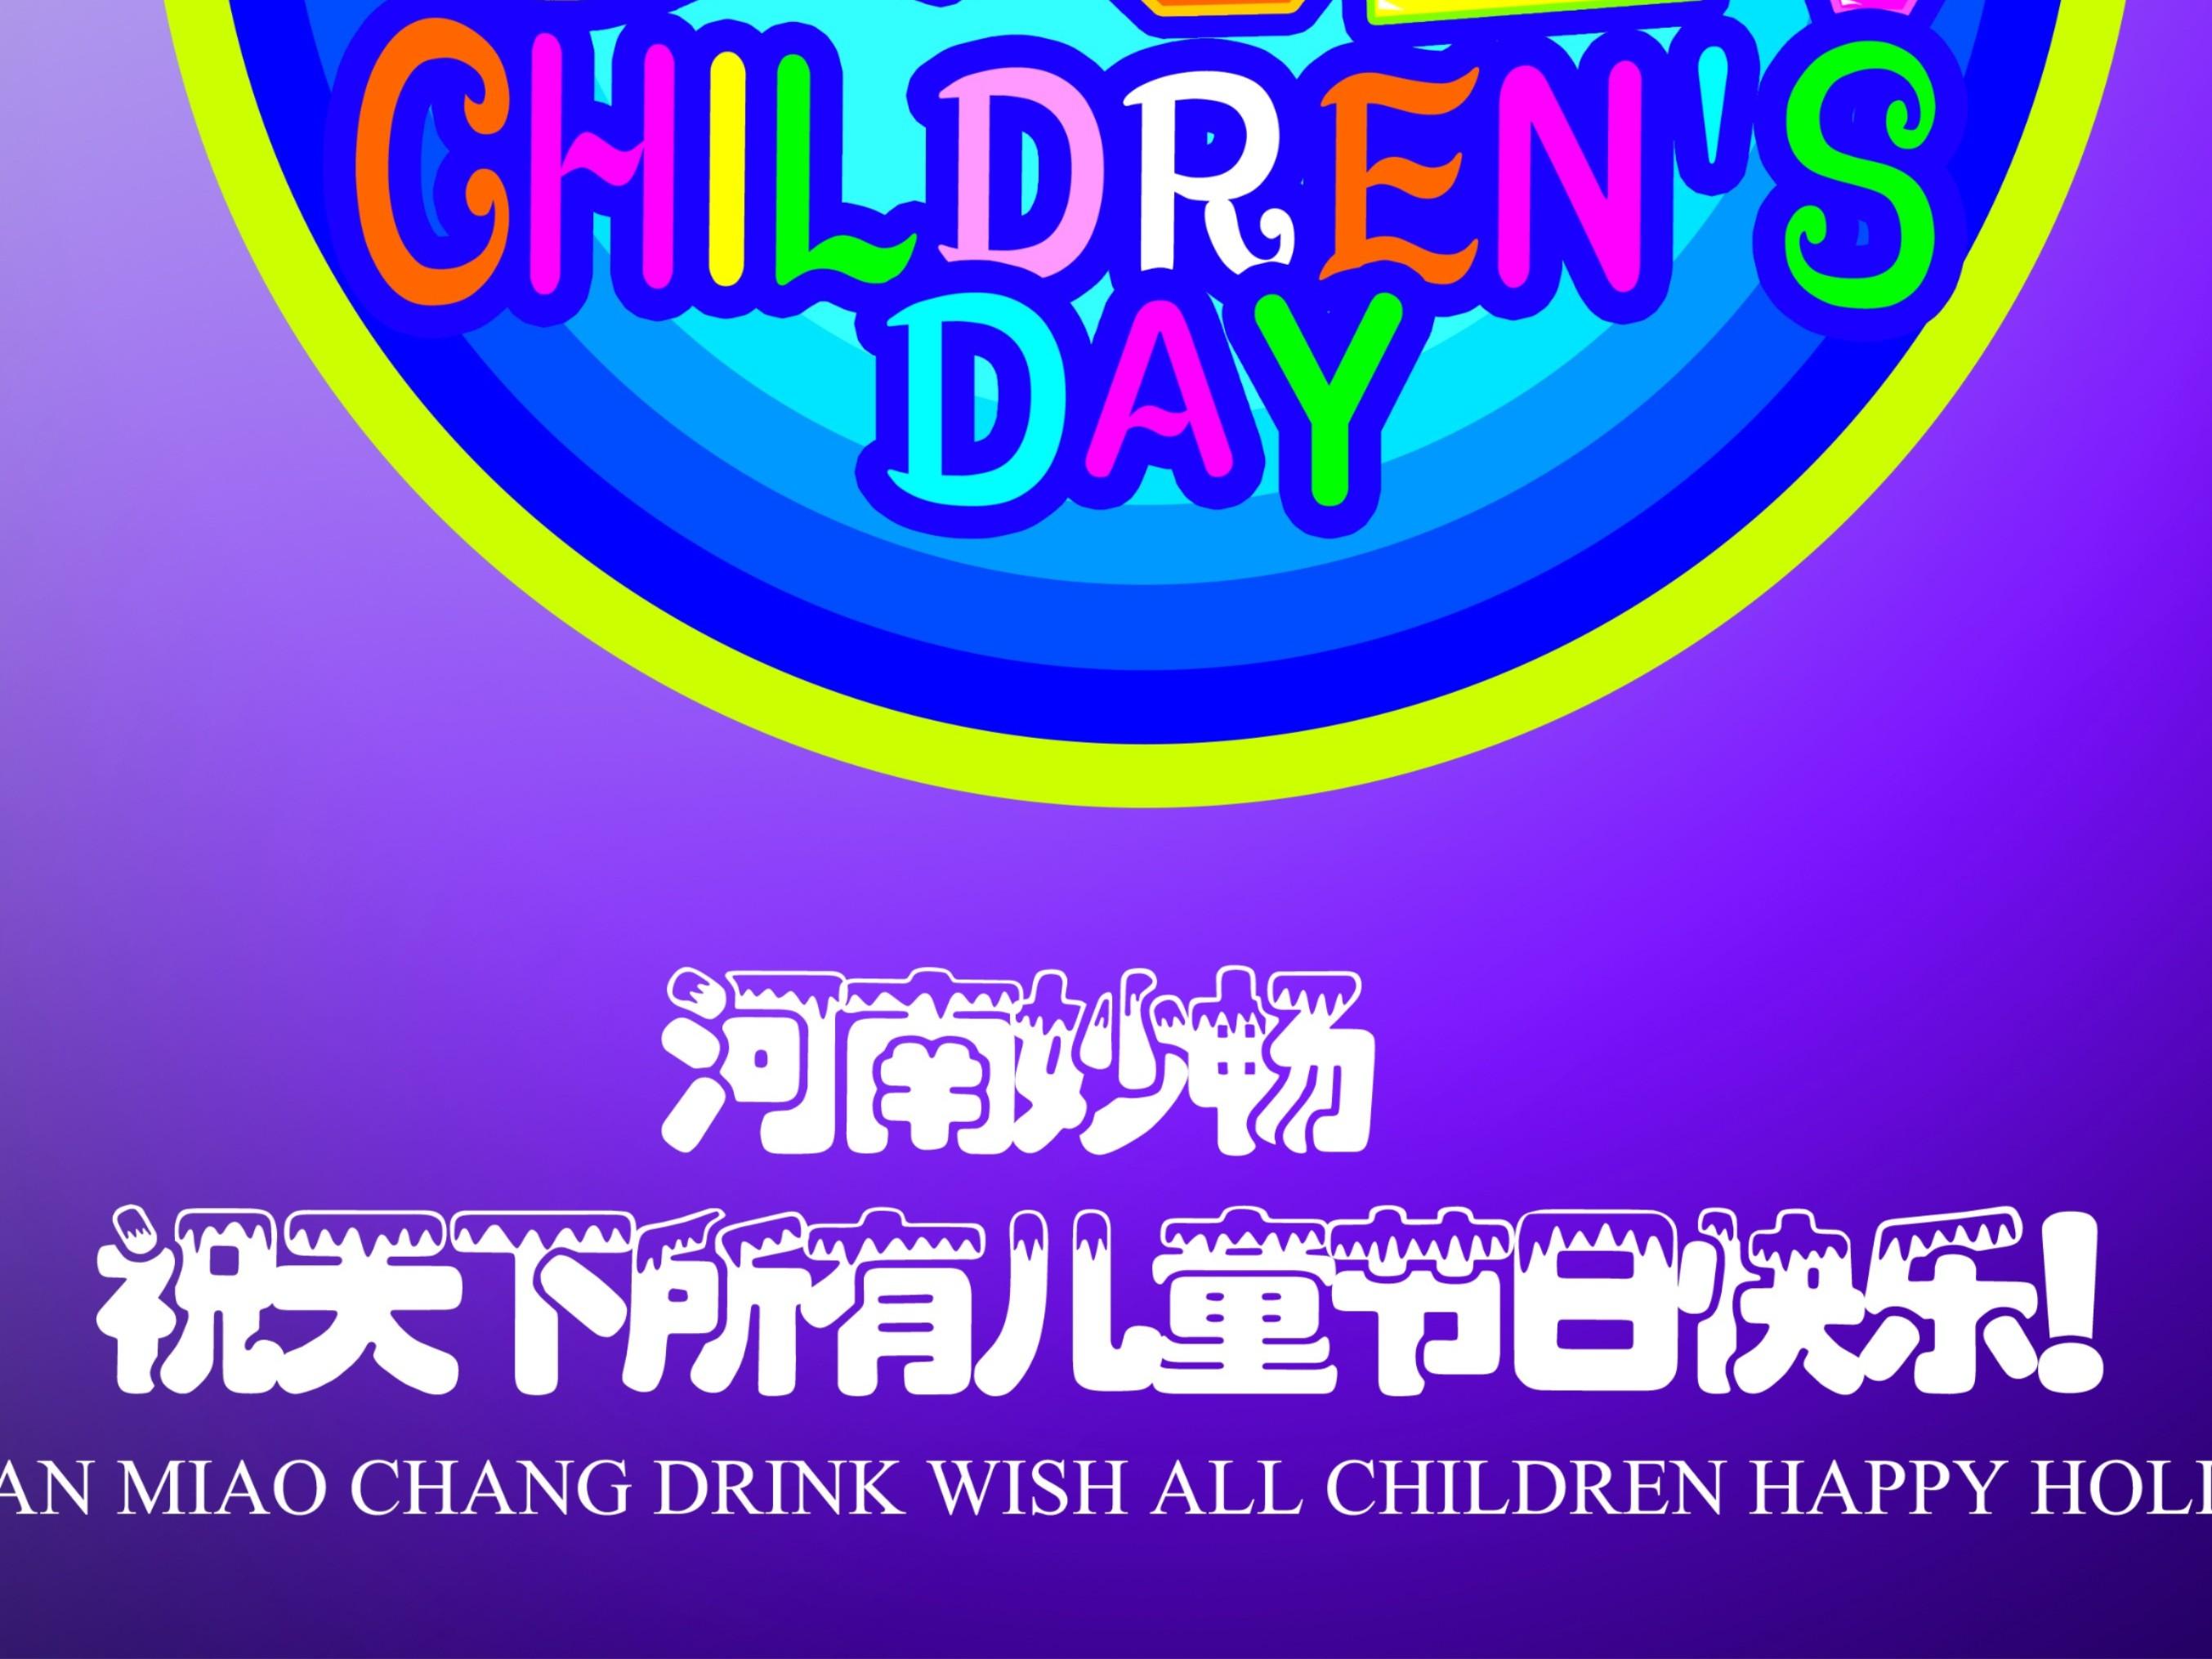 河南妙畅饮品祝所有儿童节日快乐!